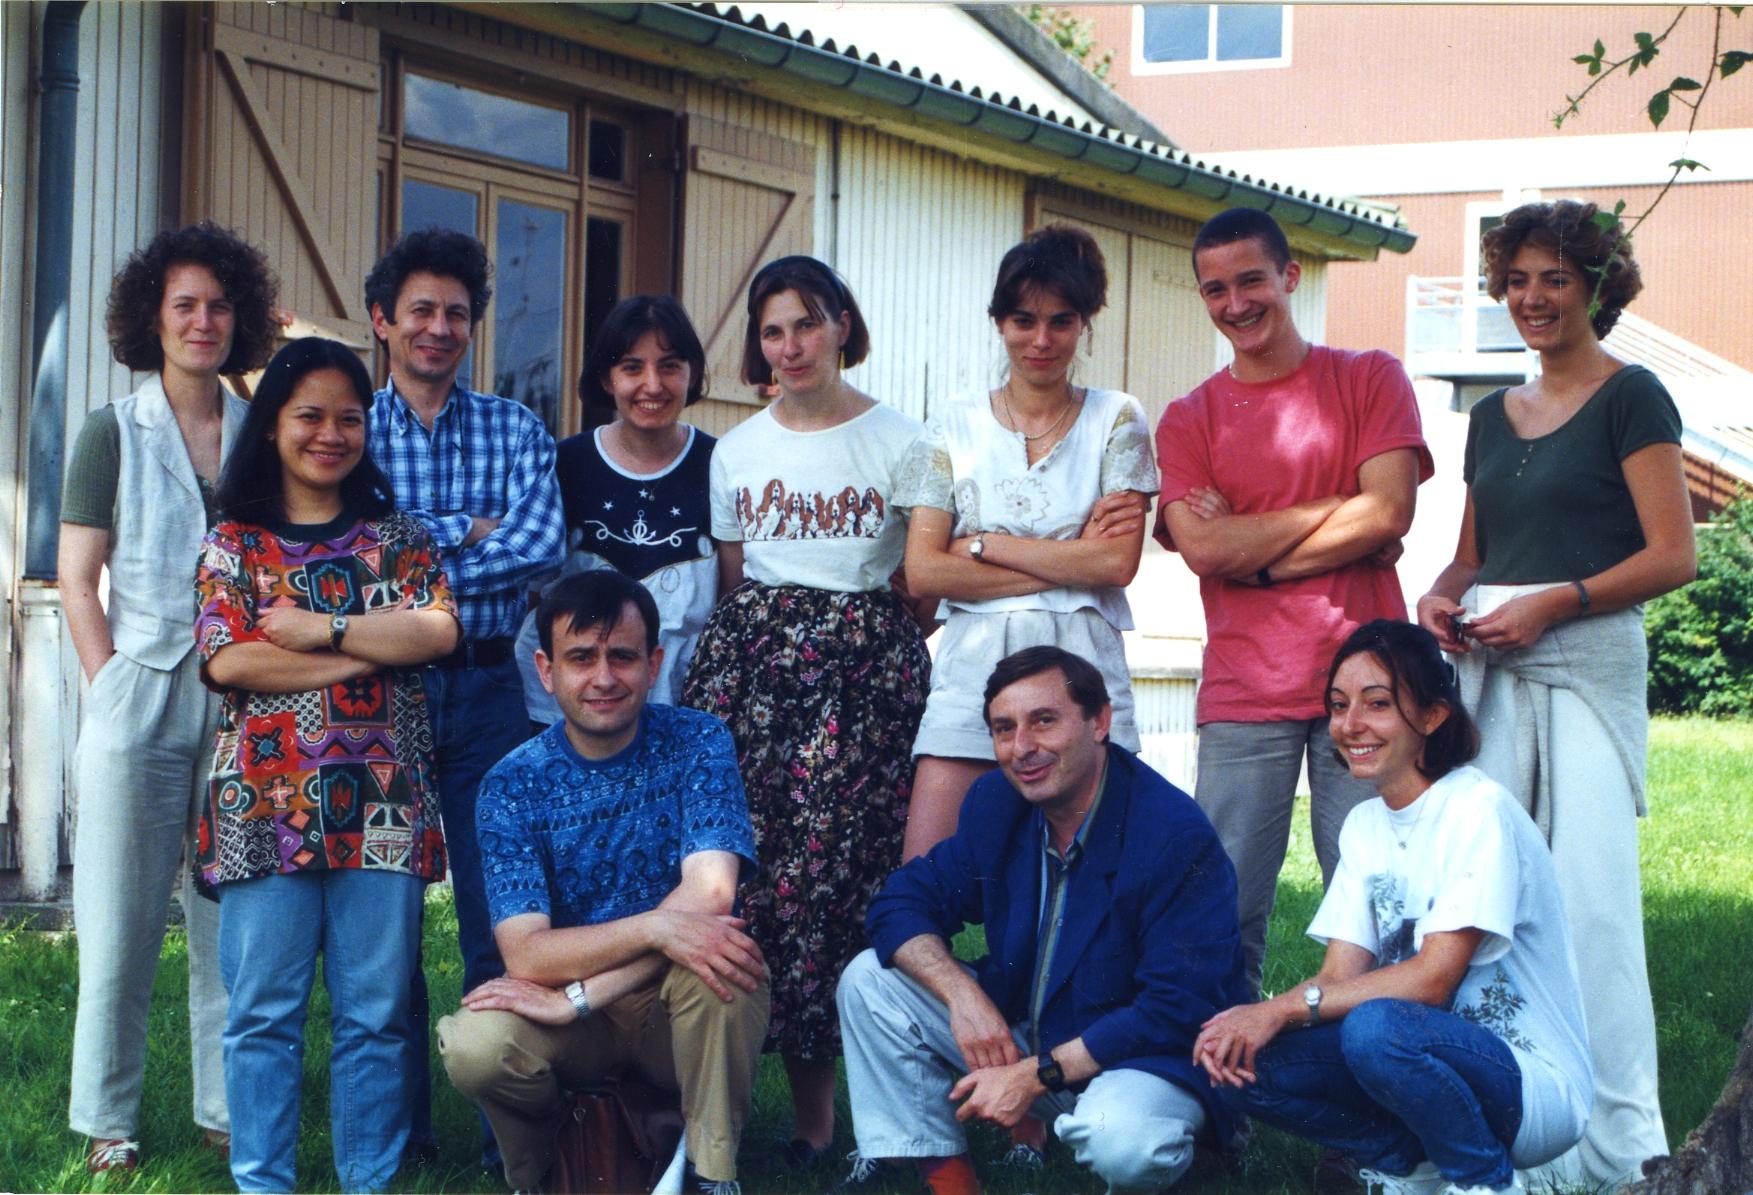 Les membres du laboratoire, il y a quelques années